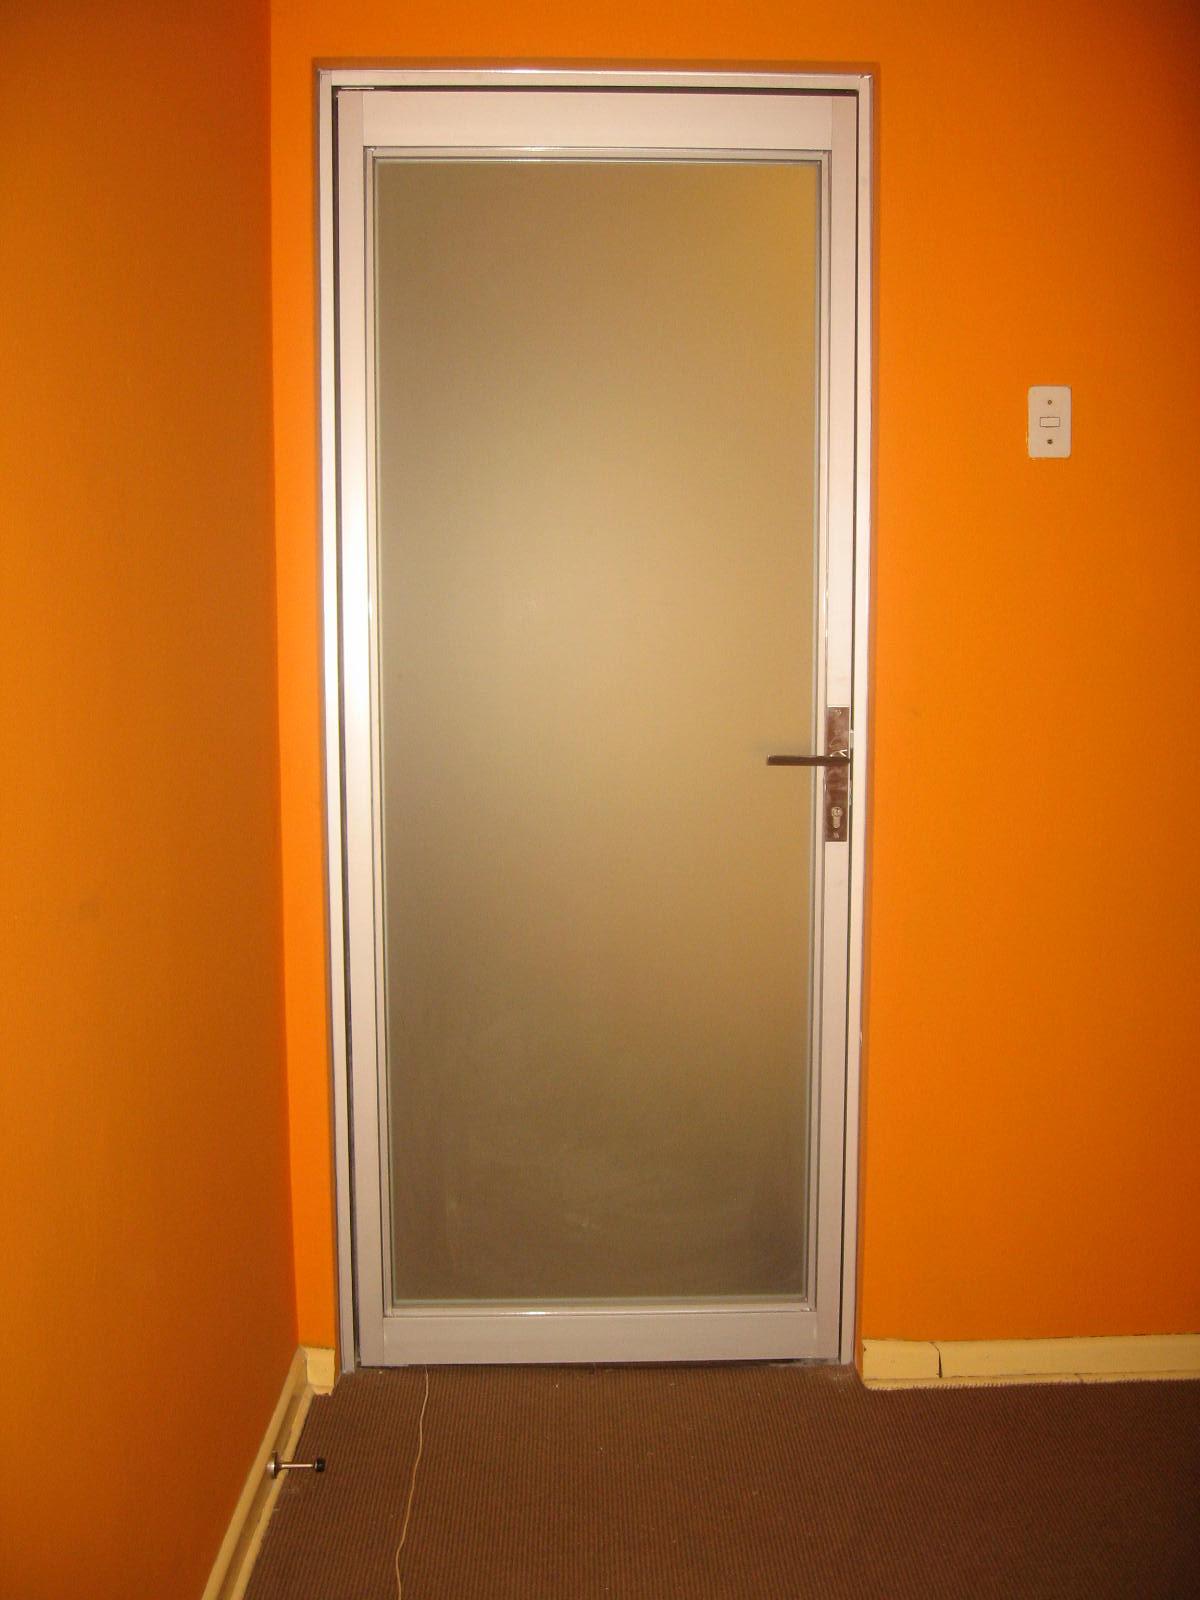 Instalacion de vidrios ventanas mamparas y otros puerta de aluminio - Puertas en aluminio y vidrio ...